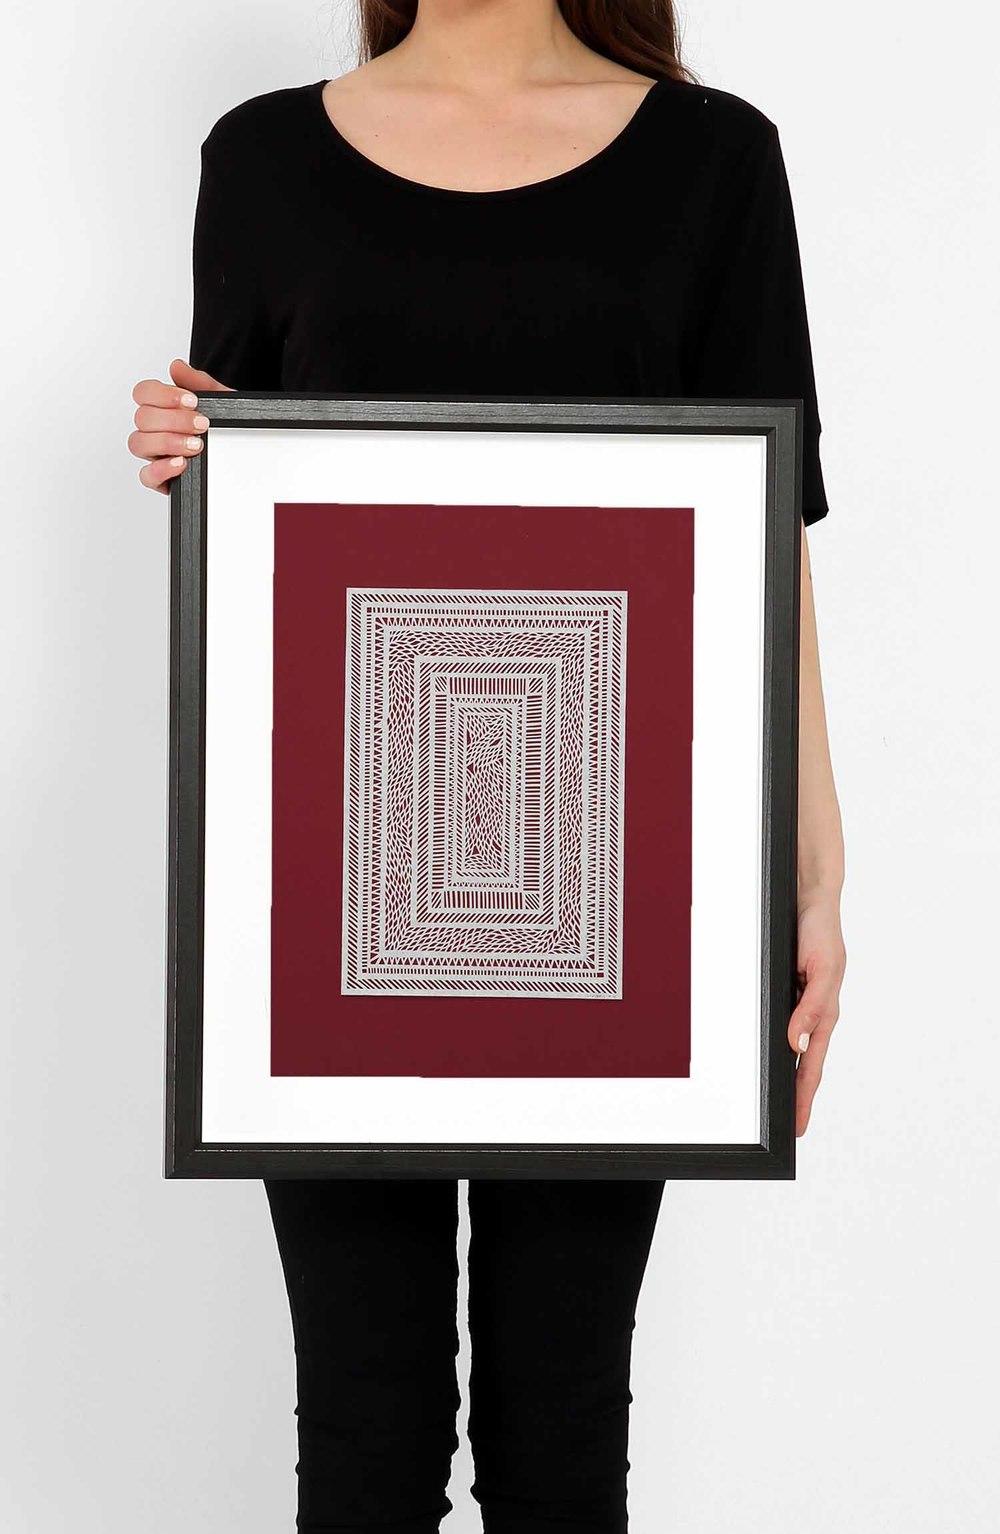 Untitled White Geometrical Medium on Red_Framed.jpg